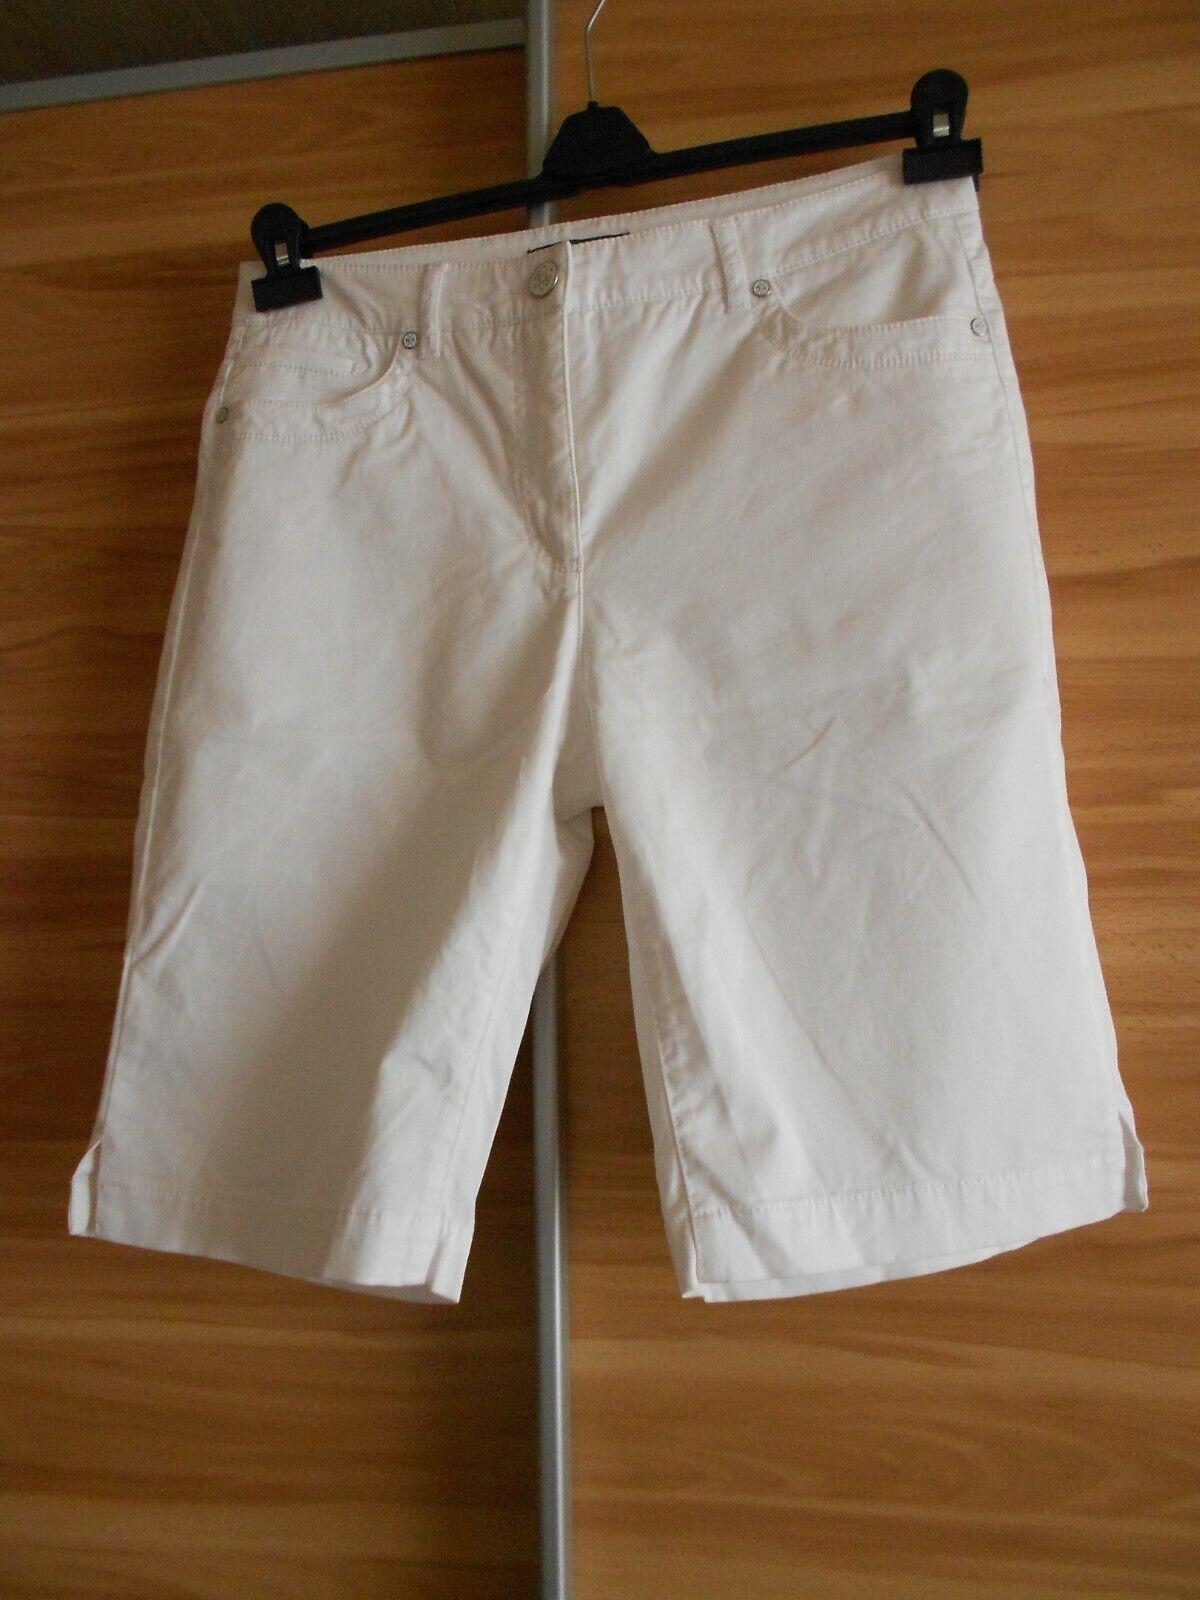 ADAGIO ( Karstadt ) Damen Bermuda Gr.40 weiss zustand sehr gut Hose 1x getragen